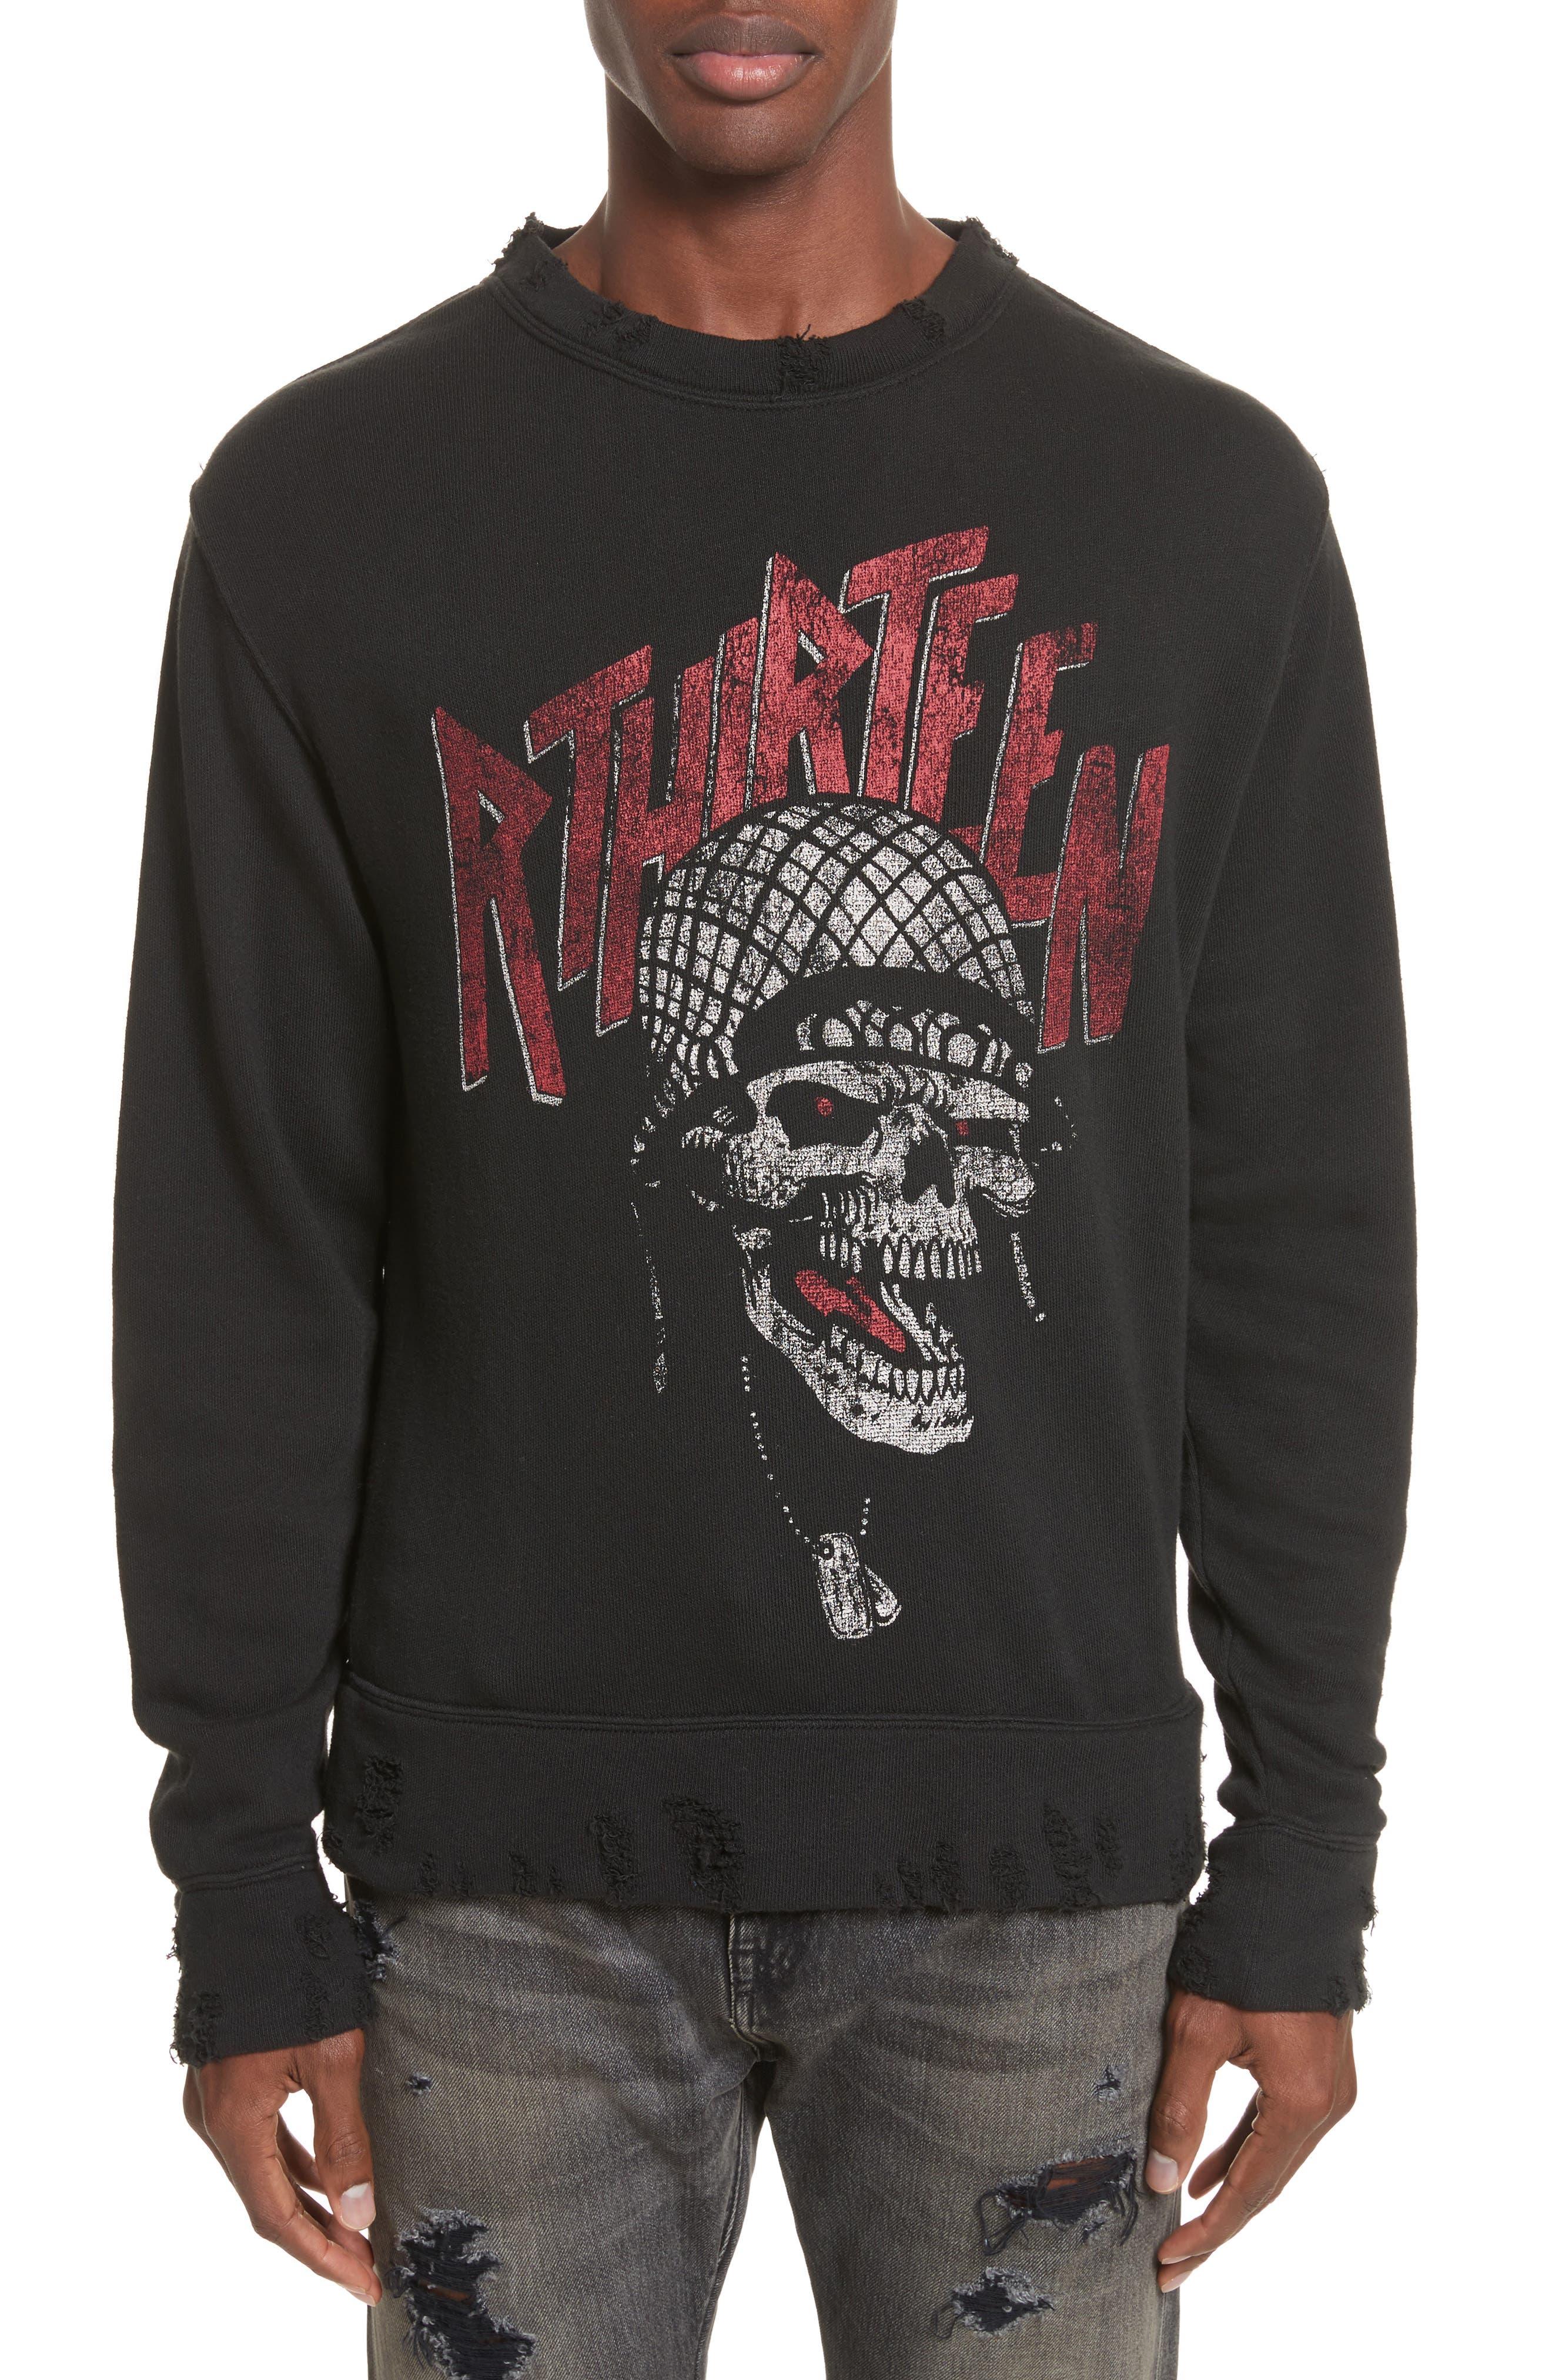 Battle Punk Graphic Sweatshirt,                             Main thumbnail 1, color,                             Black